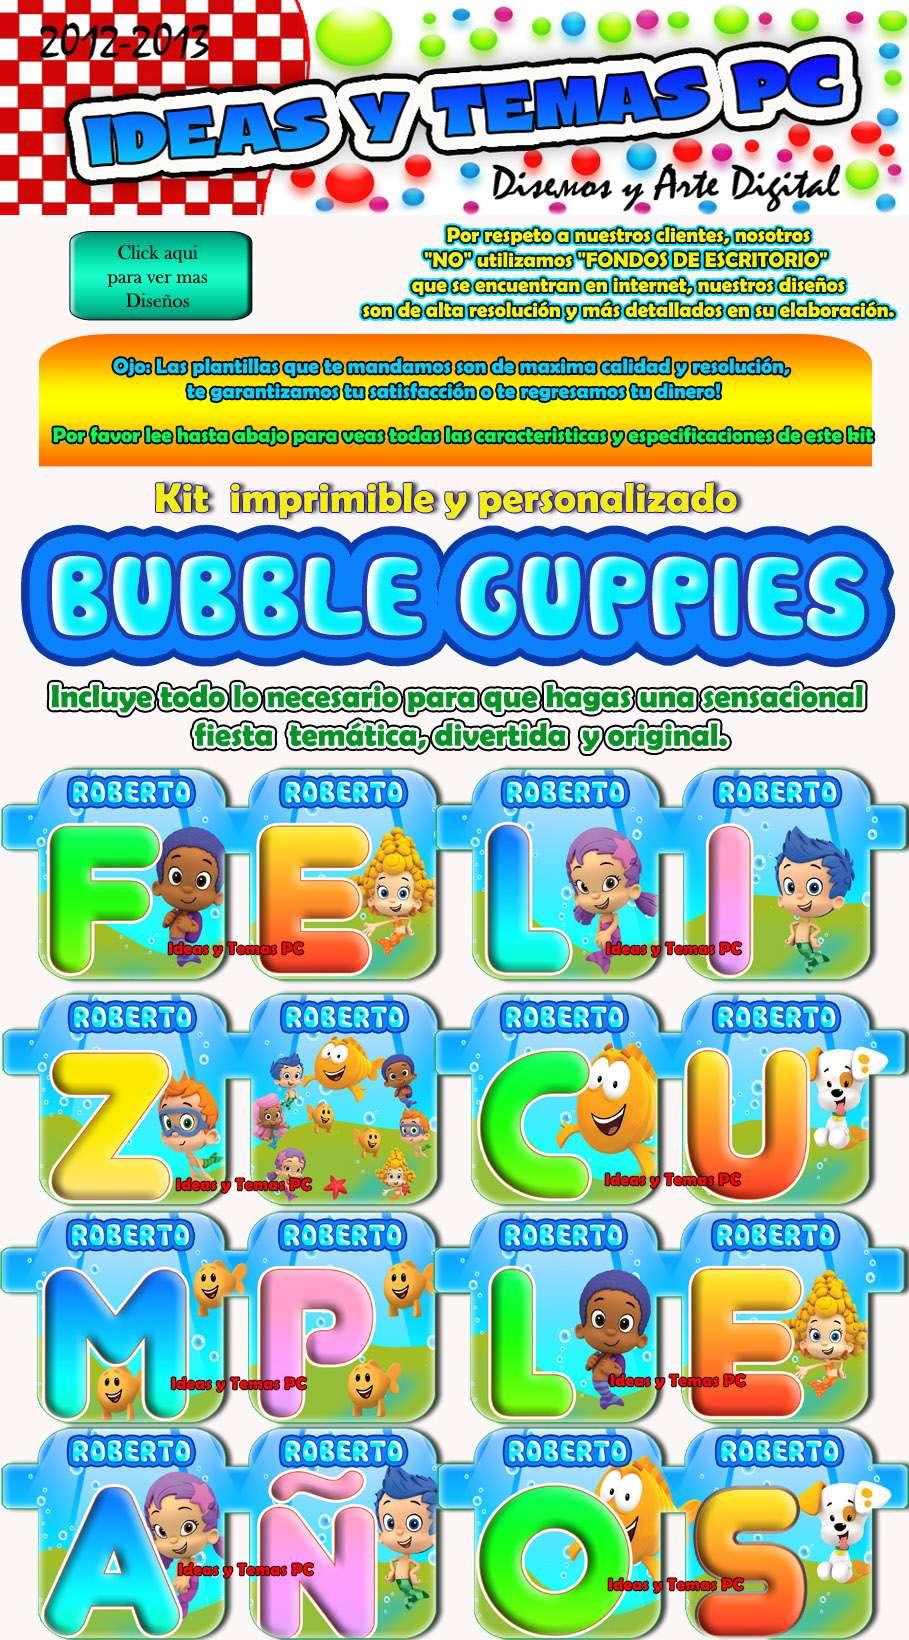 Kit Imprimible Fiesta Infantil Bubble Guppies A Solo   100